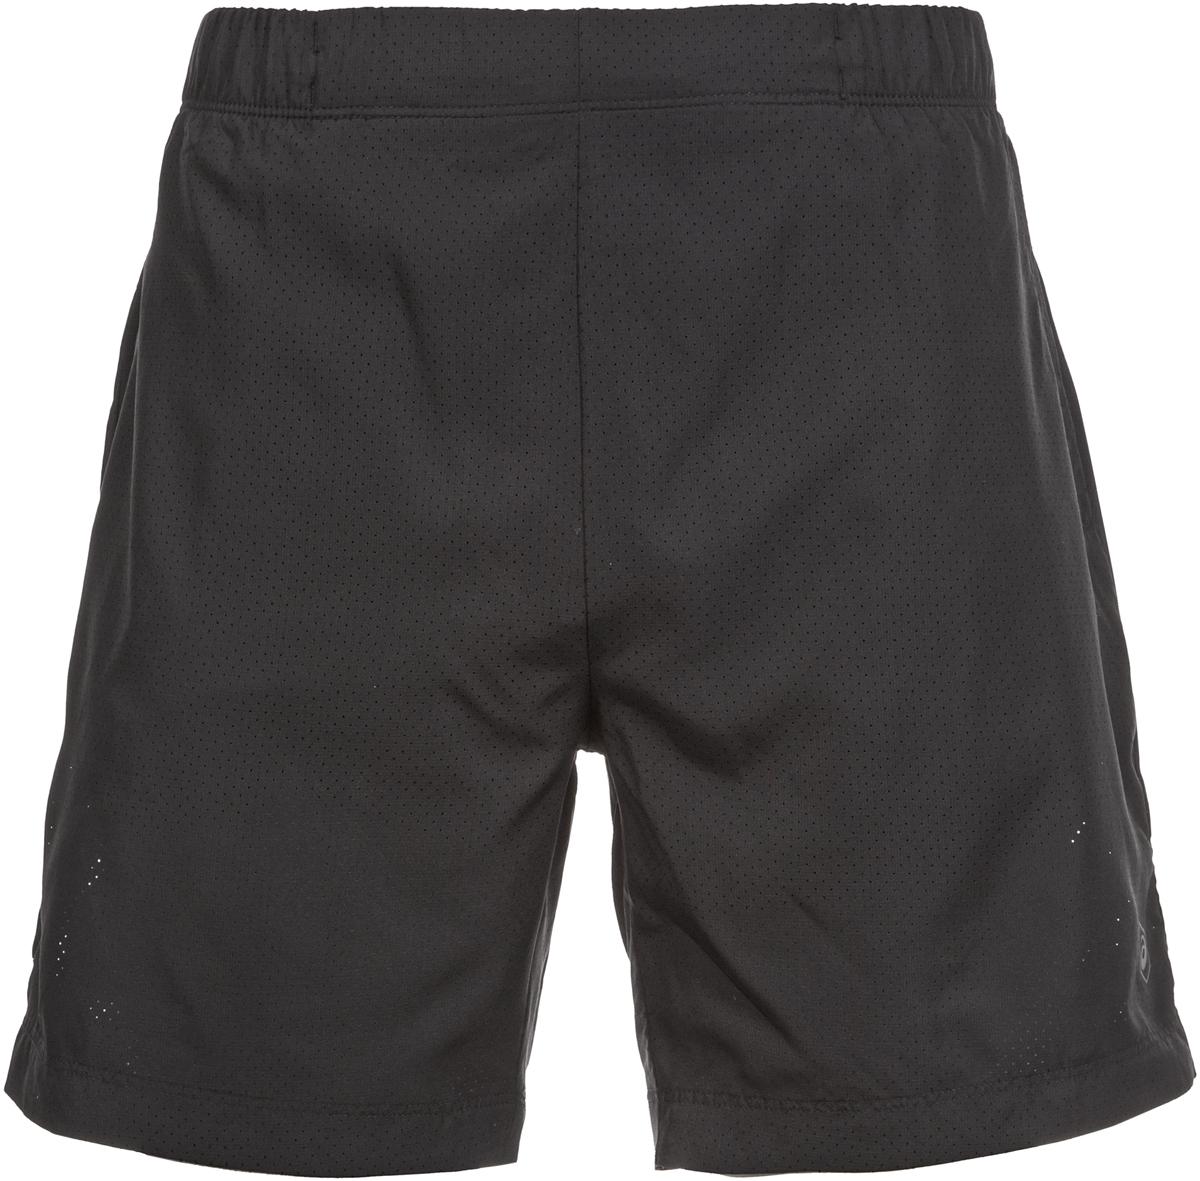 Шорты мужские Asics Fuzex 7In Short, цвет: черный. 141243-0946. Размер L (50/52)141243-0946Эти шорты обеспечивают вам комфорт во время пробежек и занятий, благодаря мягкой. Светоотражающий логотип ASICS